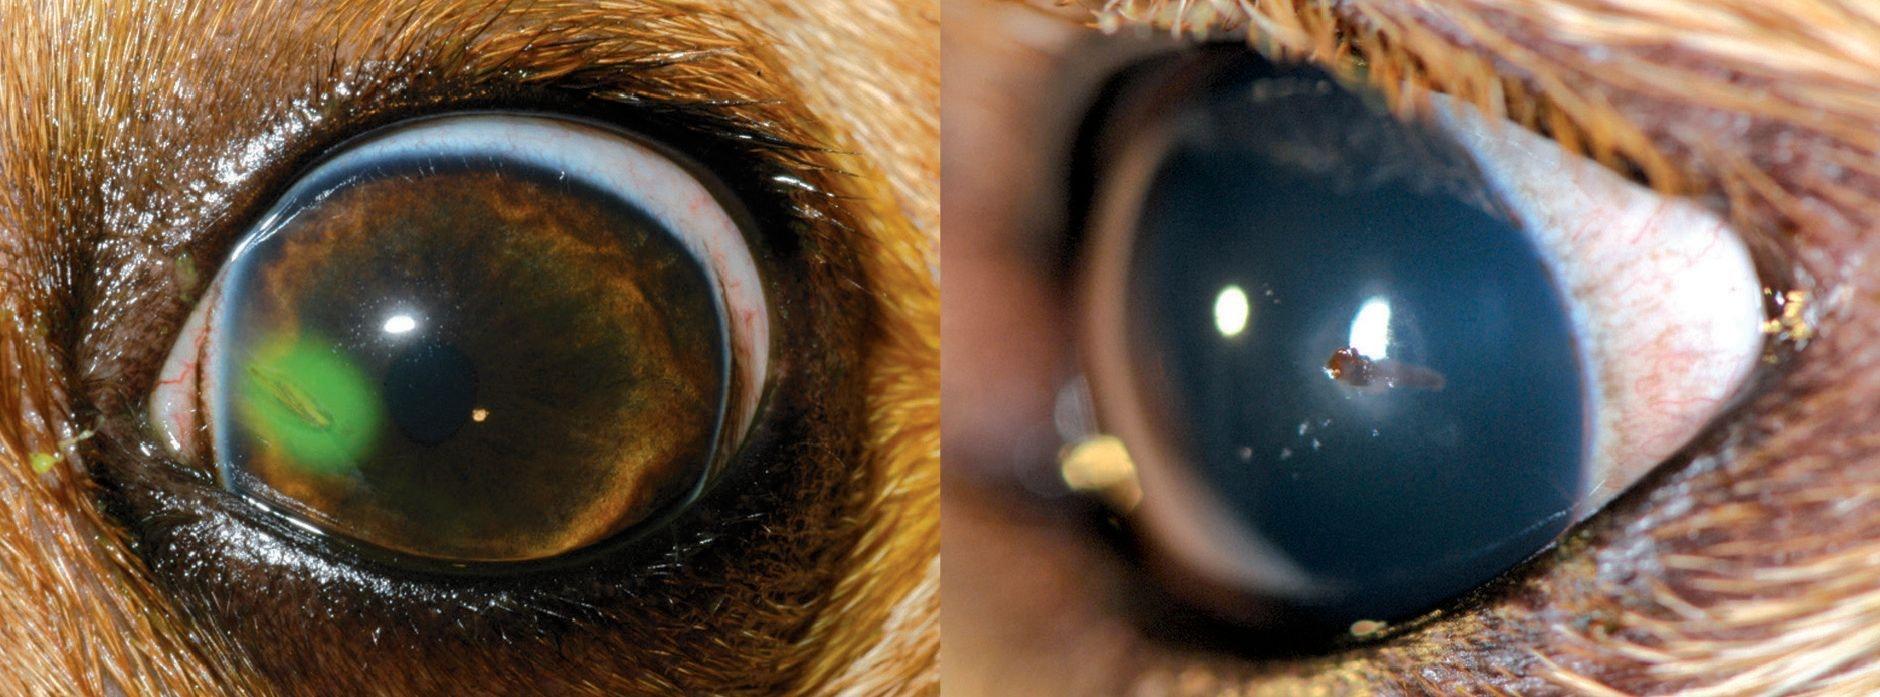 Canine ocular emergencies